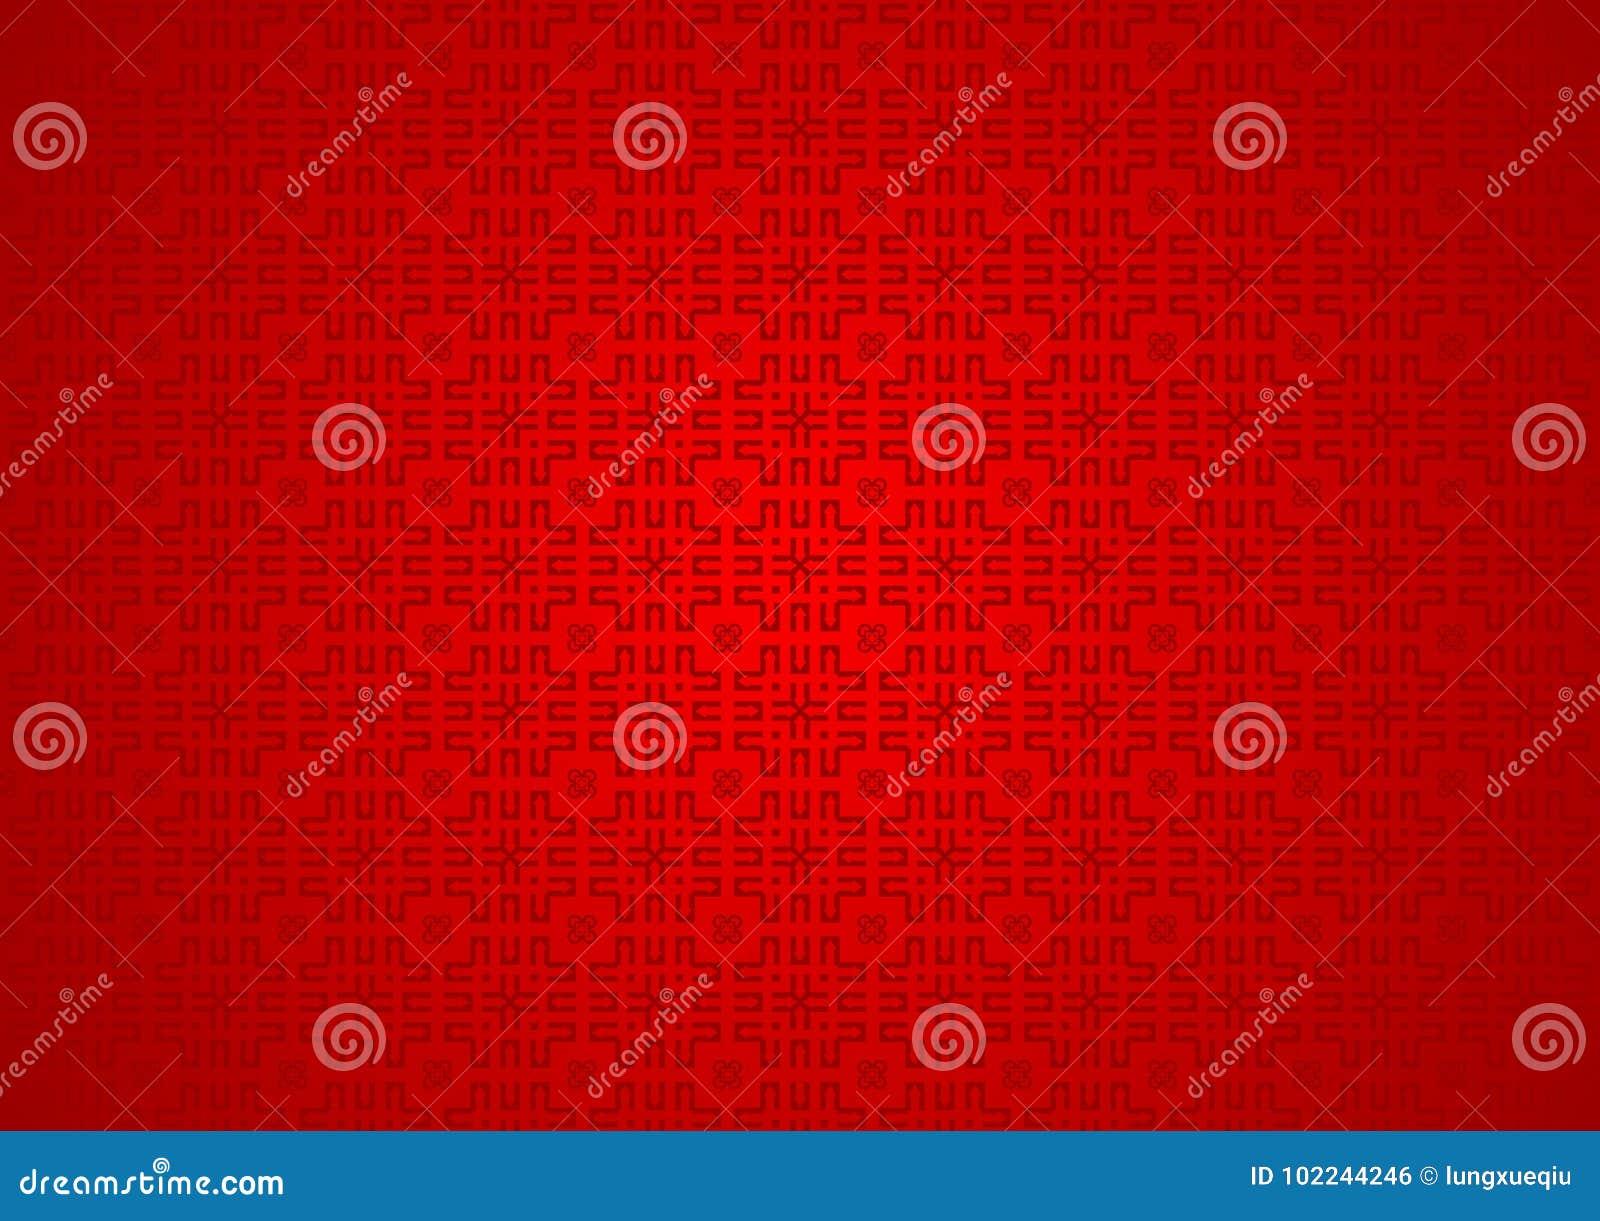 Papel pintado islámico árabe chino ornamental oriental abstracto rojo del fondo de la textura del modelo del festival